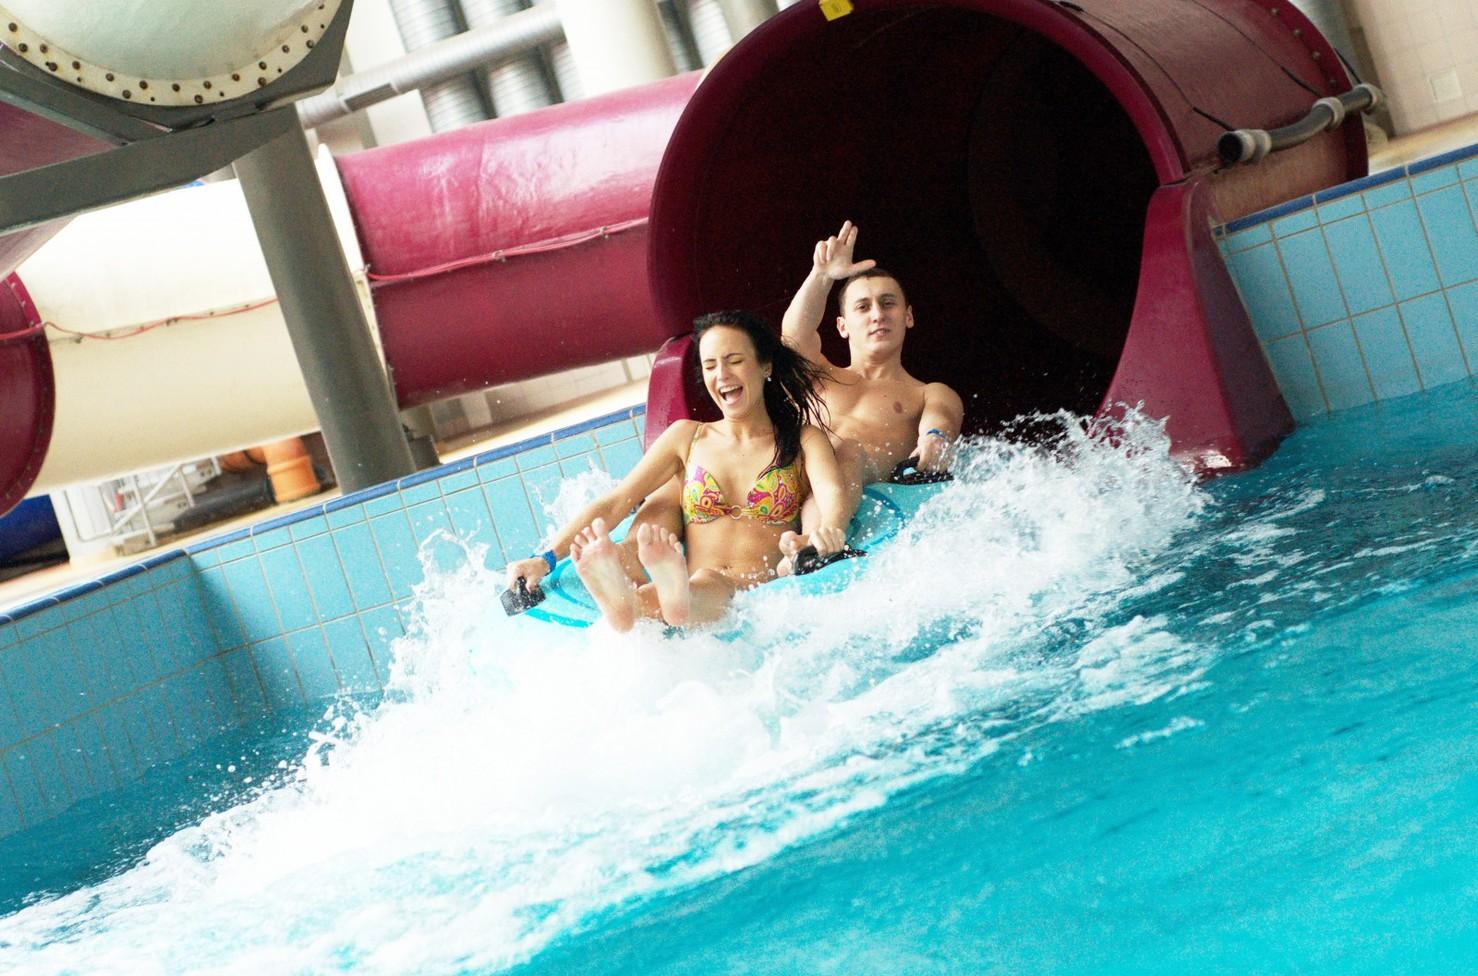 Порнозвезды таня-таня фото девушек в аквапарках мосс голая фильмах